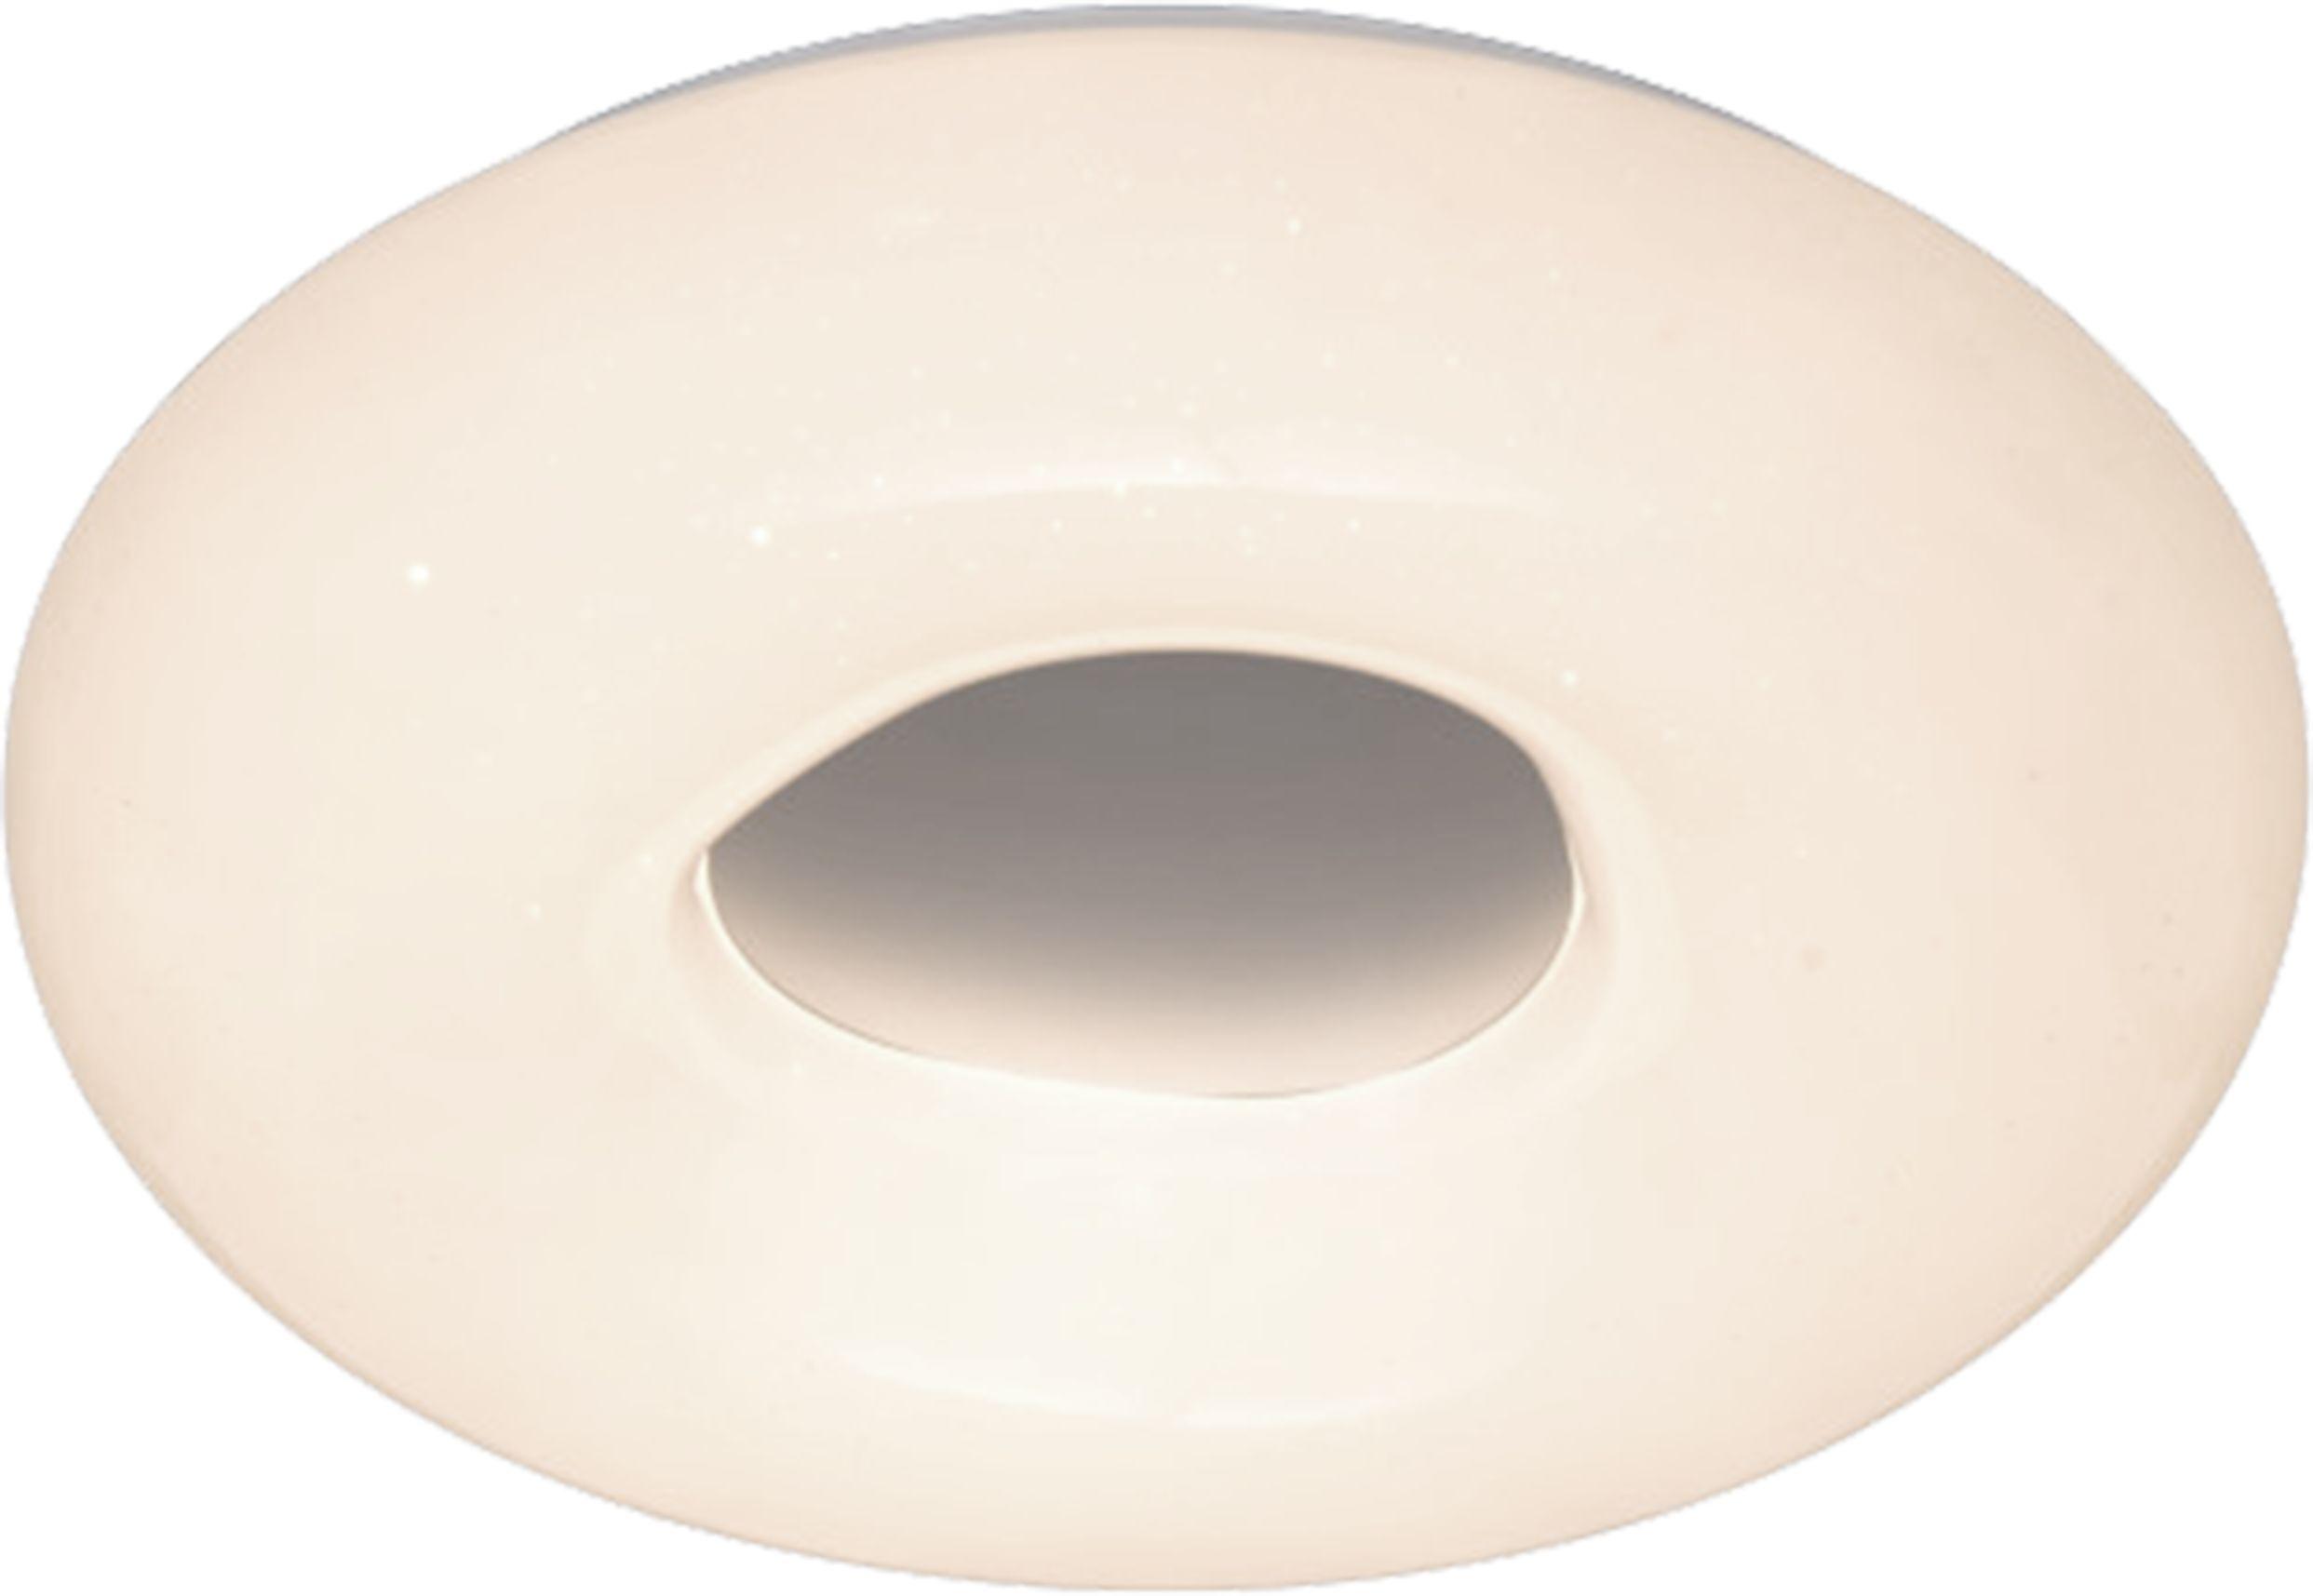 Light Prestige Aruba LP-2424/1C-40 WH plafon lampa sufitowa okrągła akryl biały LED 4000K1x24W IP44 40cm